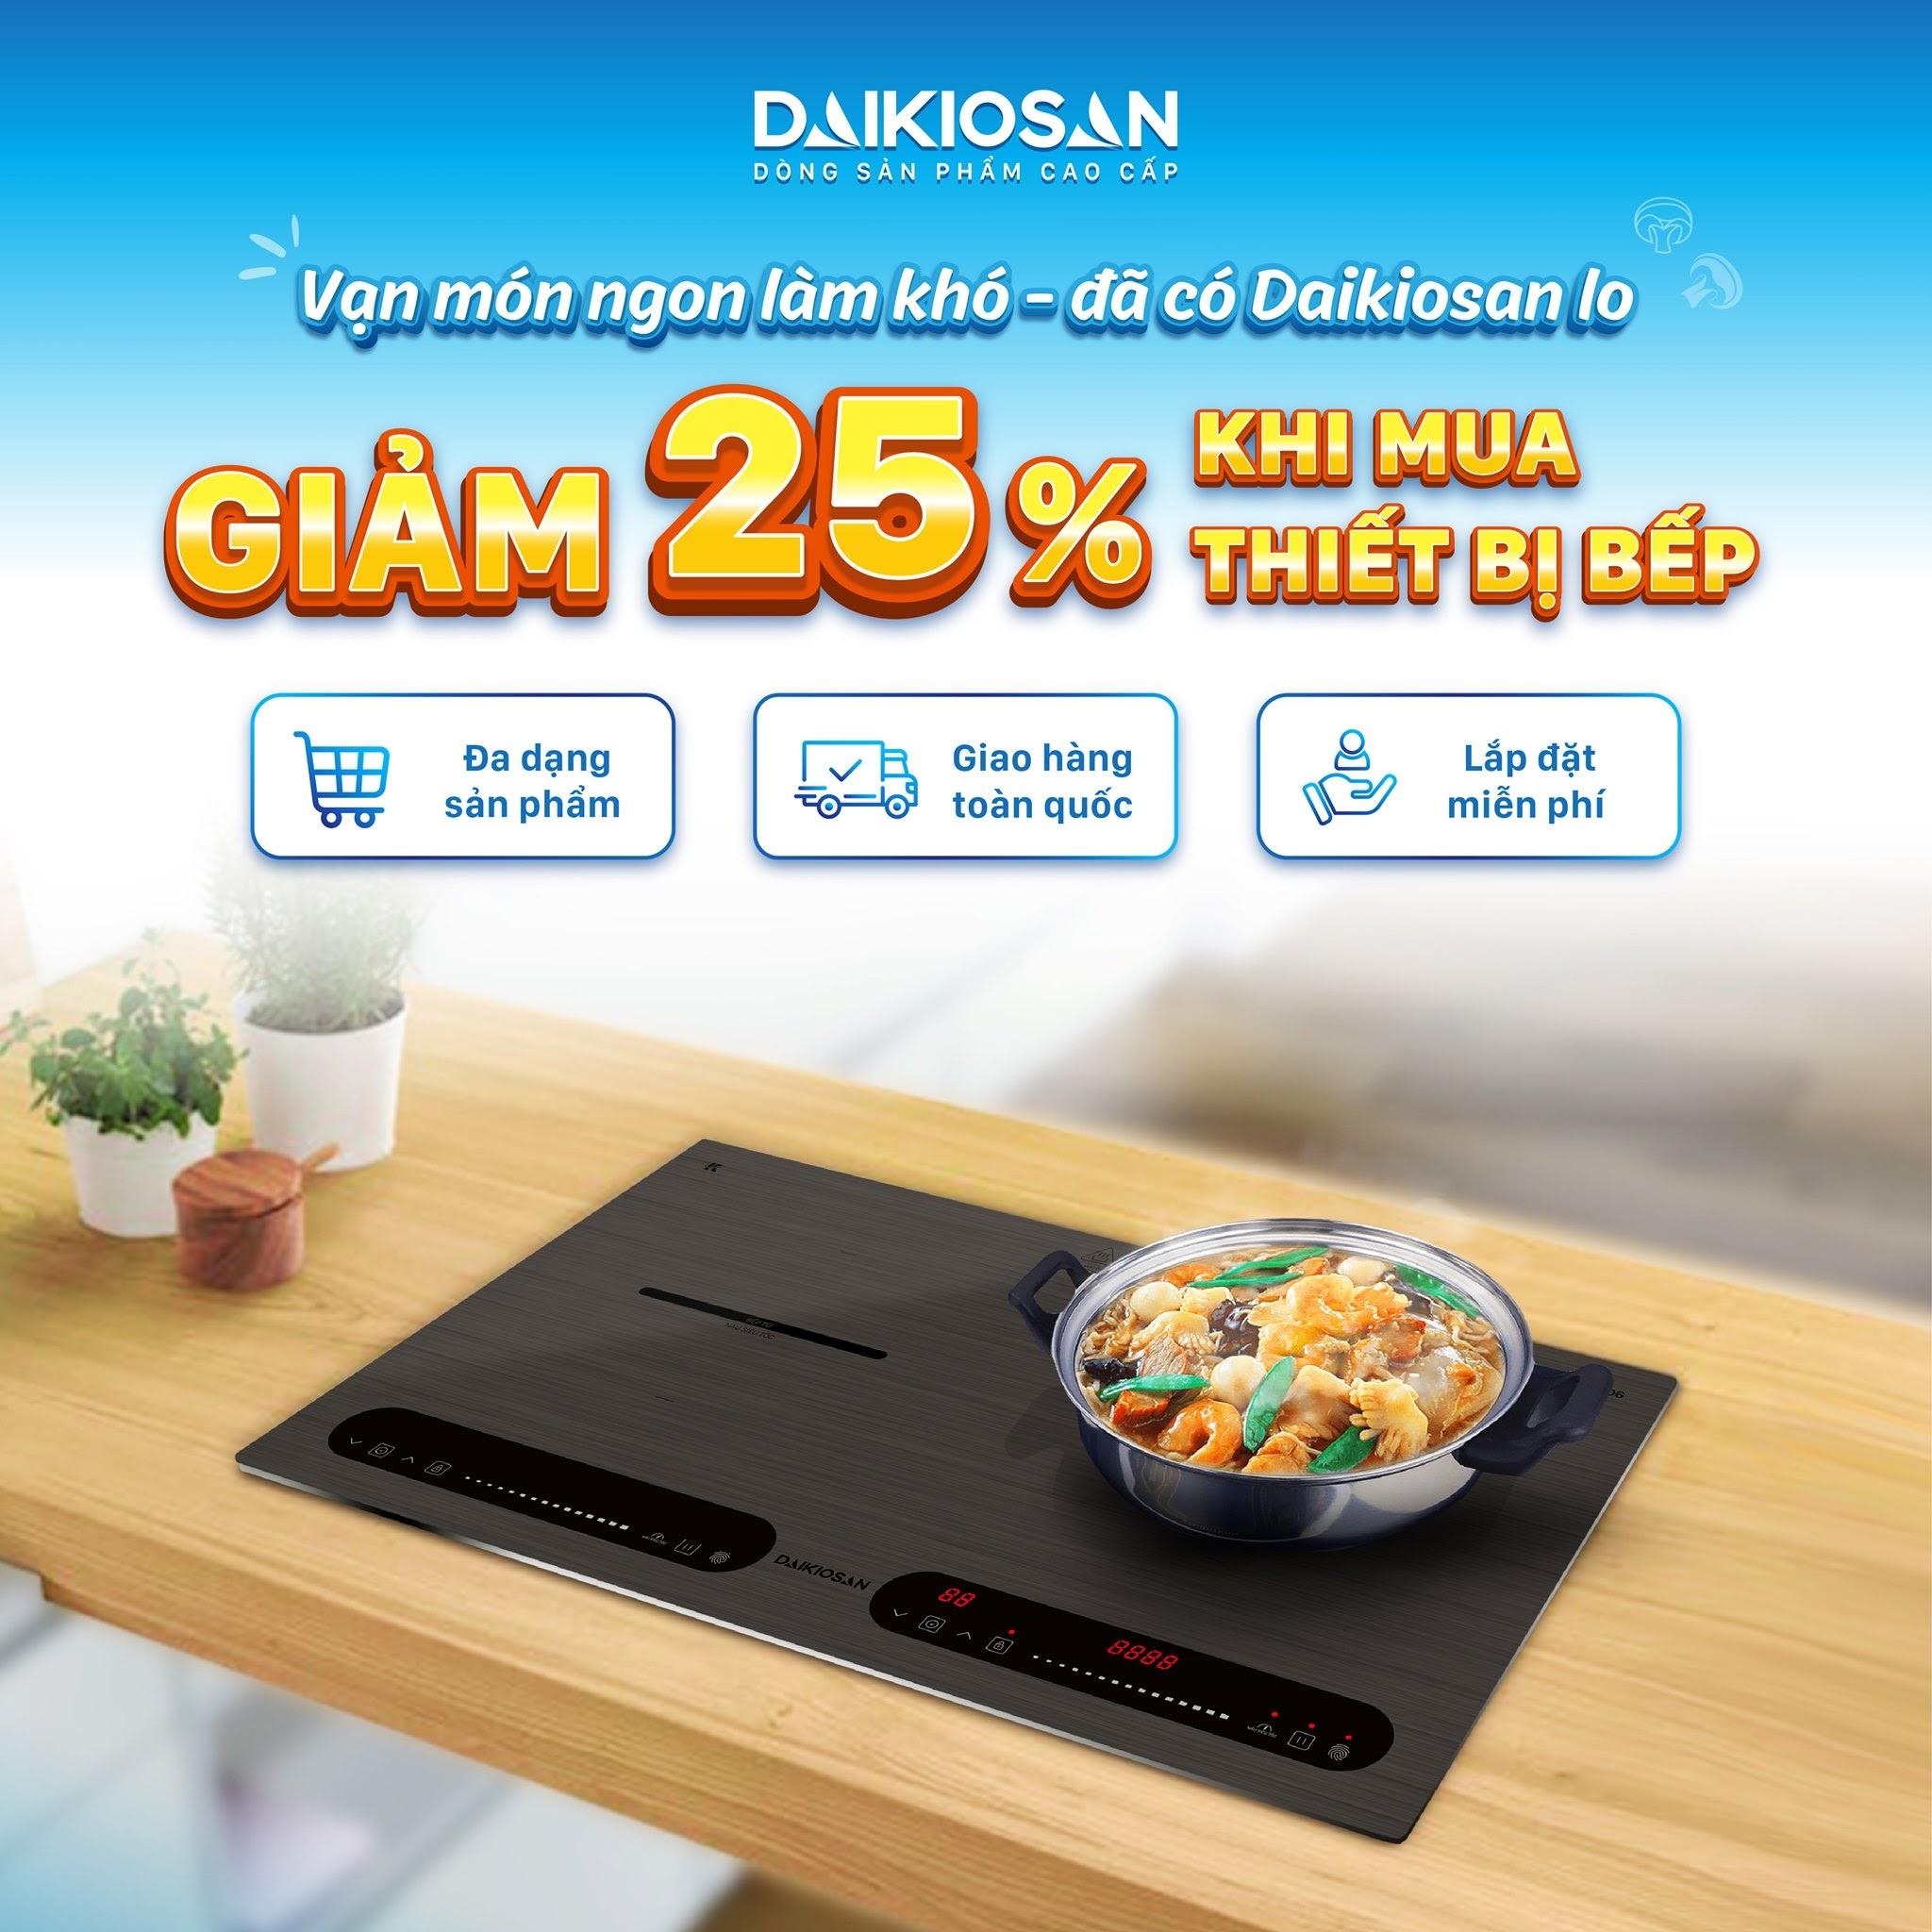 Vạn món ngon với thiết bị bếp Daikiosan, Makano